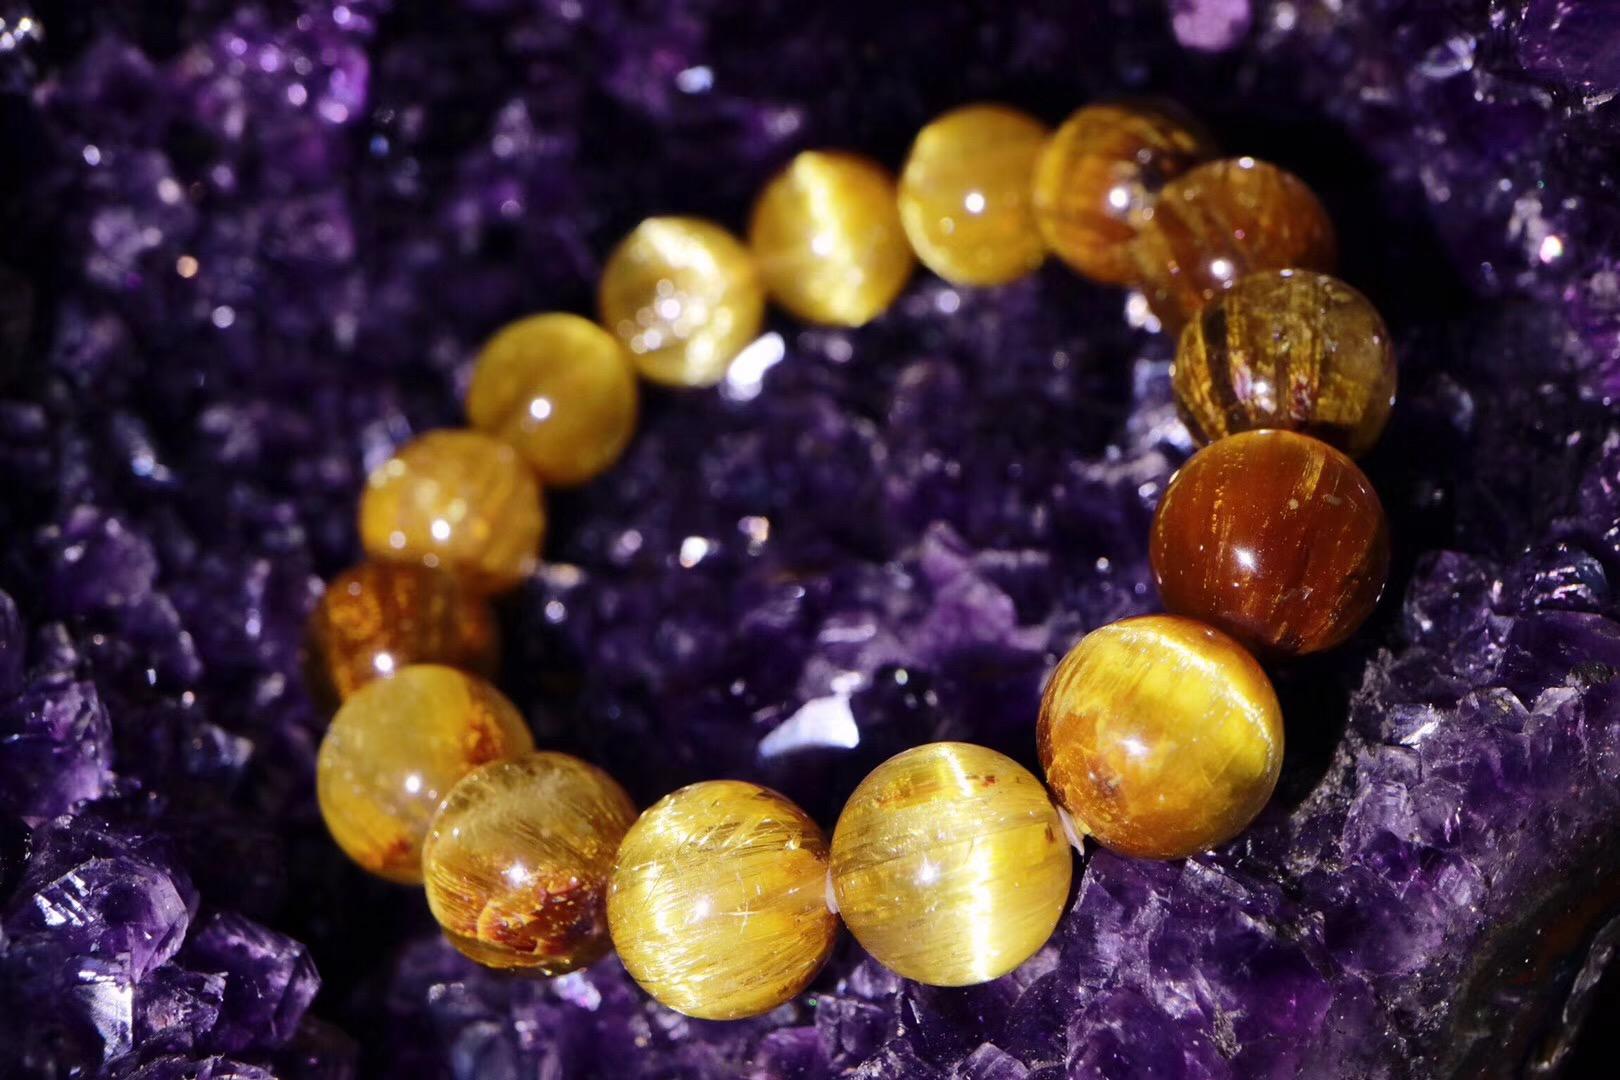 【乌拉圭紫晶洞】无论明星还是企业家,他们都钟爱用紫晶洞-菩心晶舍